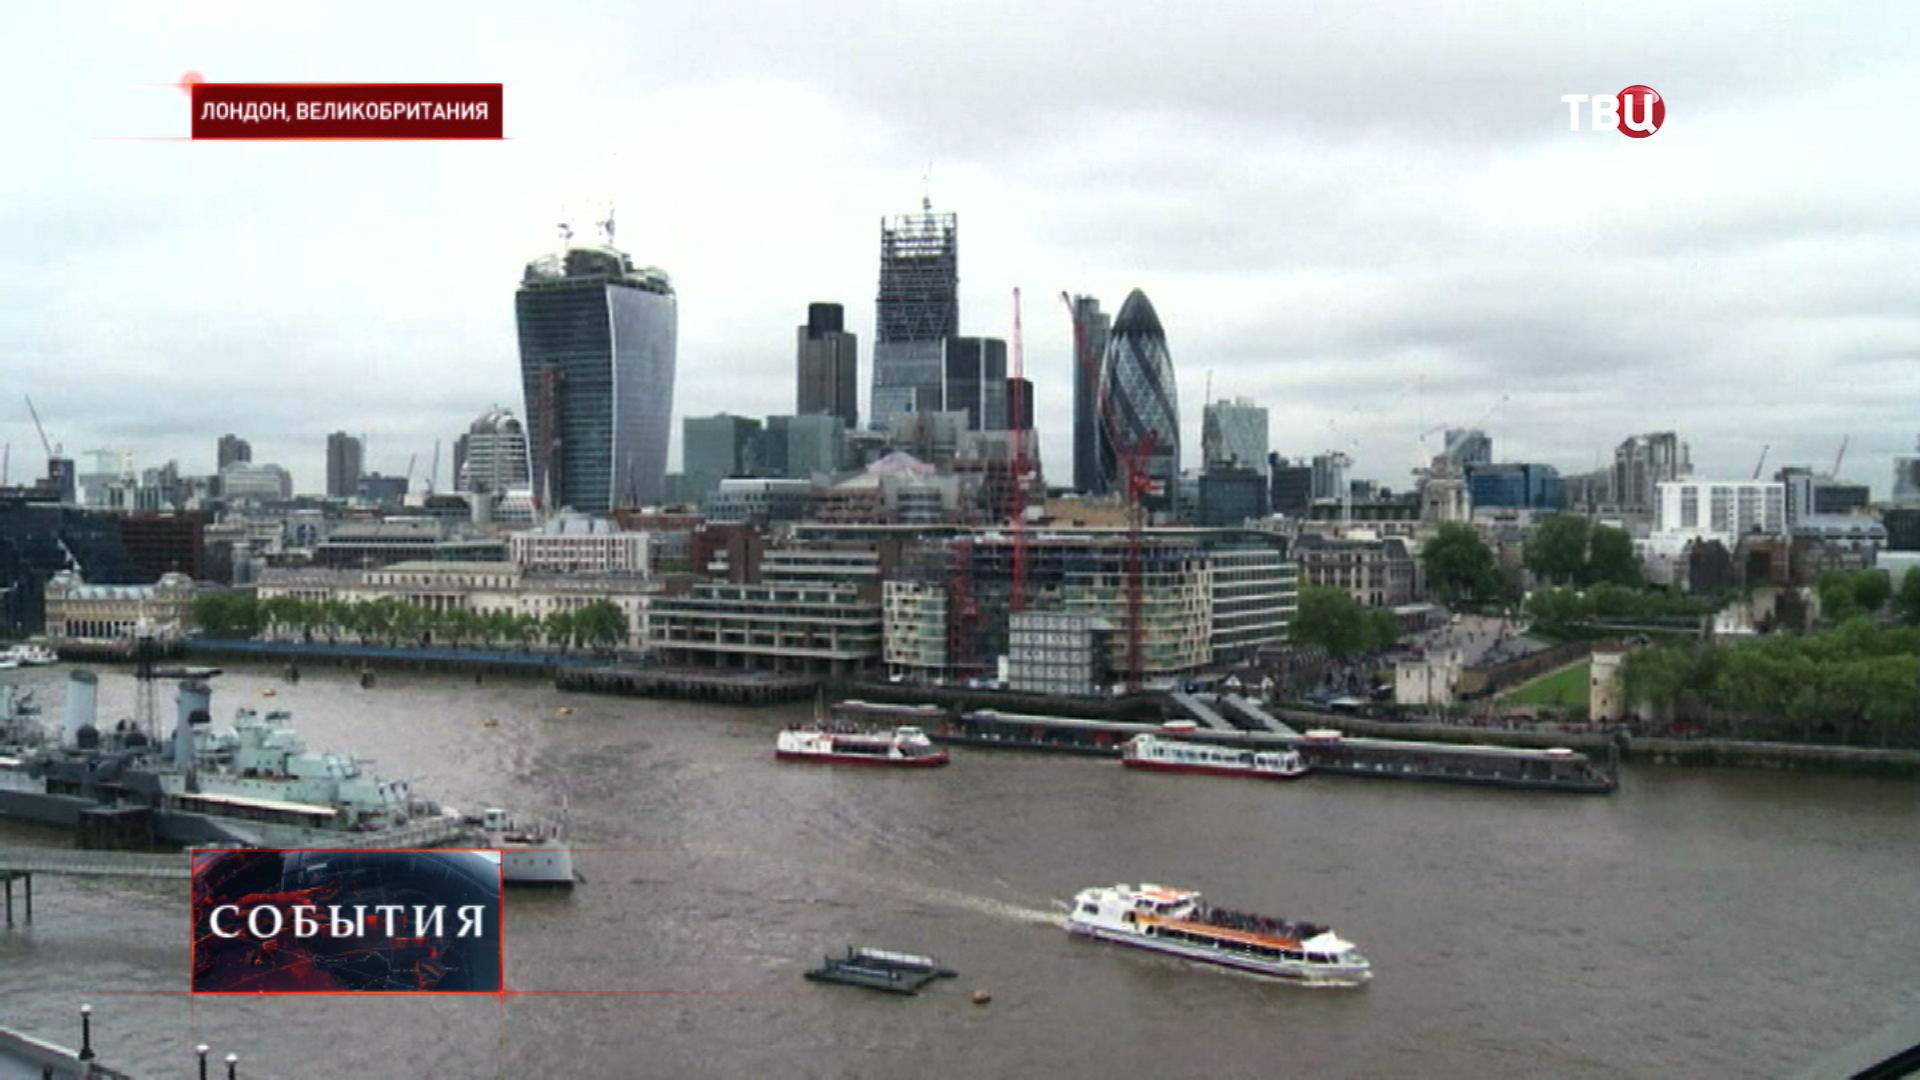 Небоскребы в Лондоне